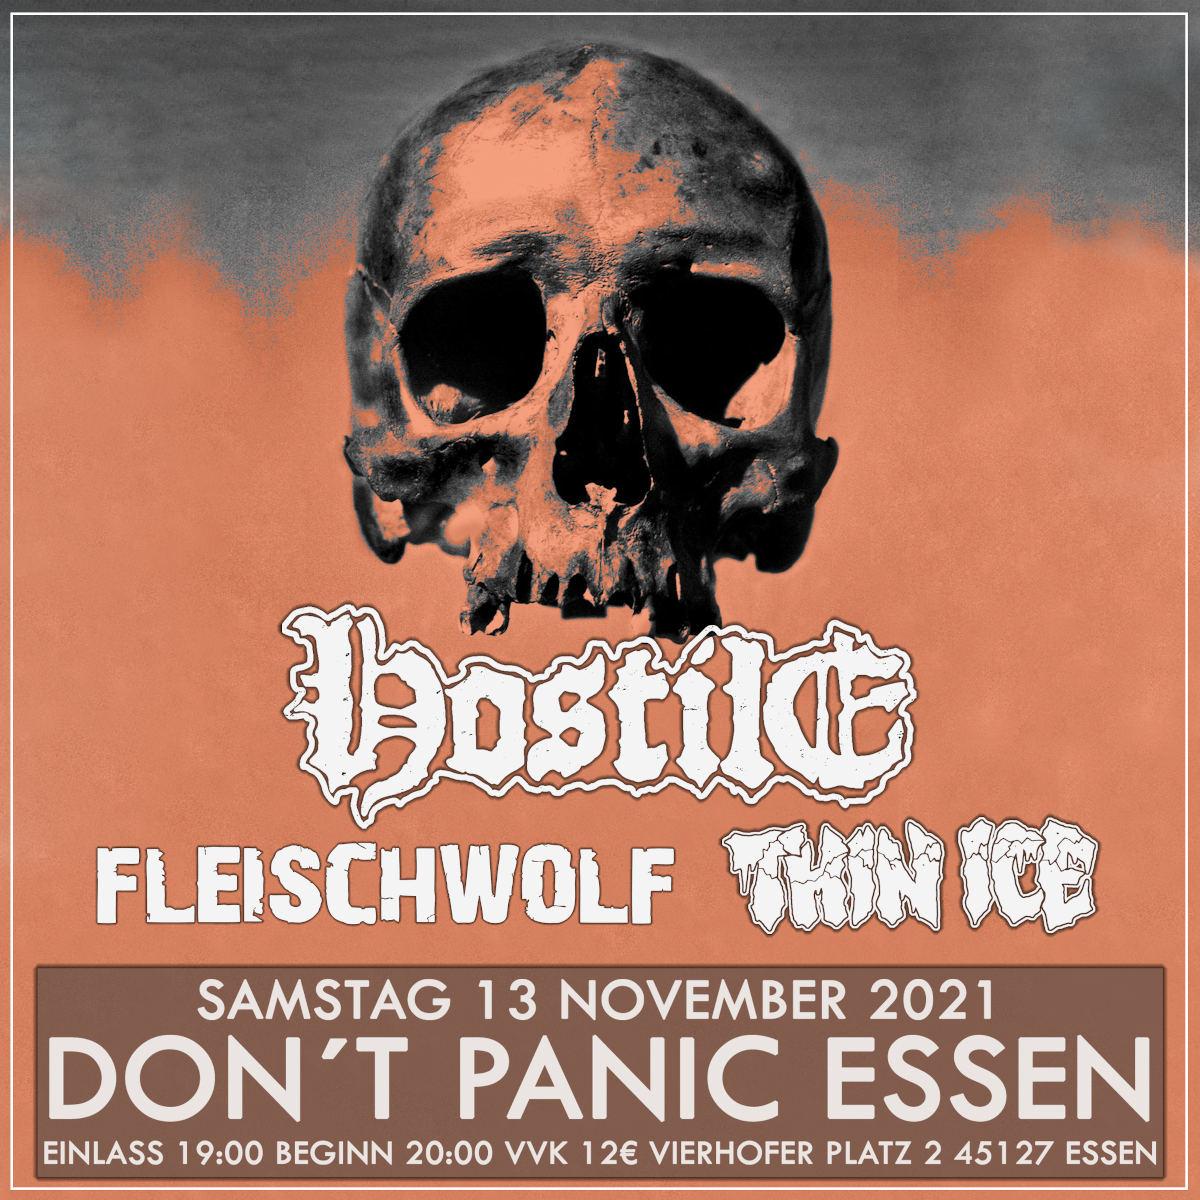 Thin Ice, Hostile, Fleischwolf - Don't Panic, Essen, 2021